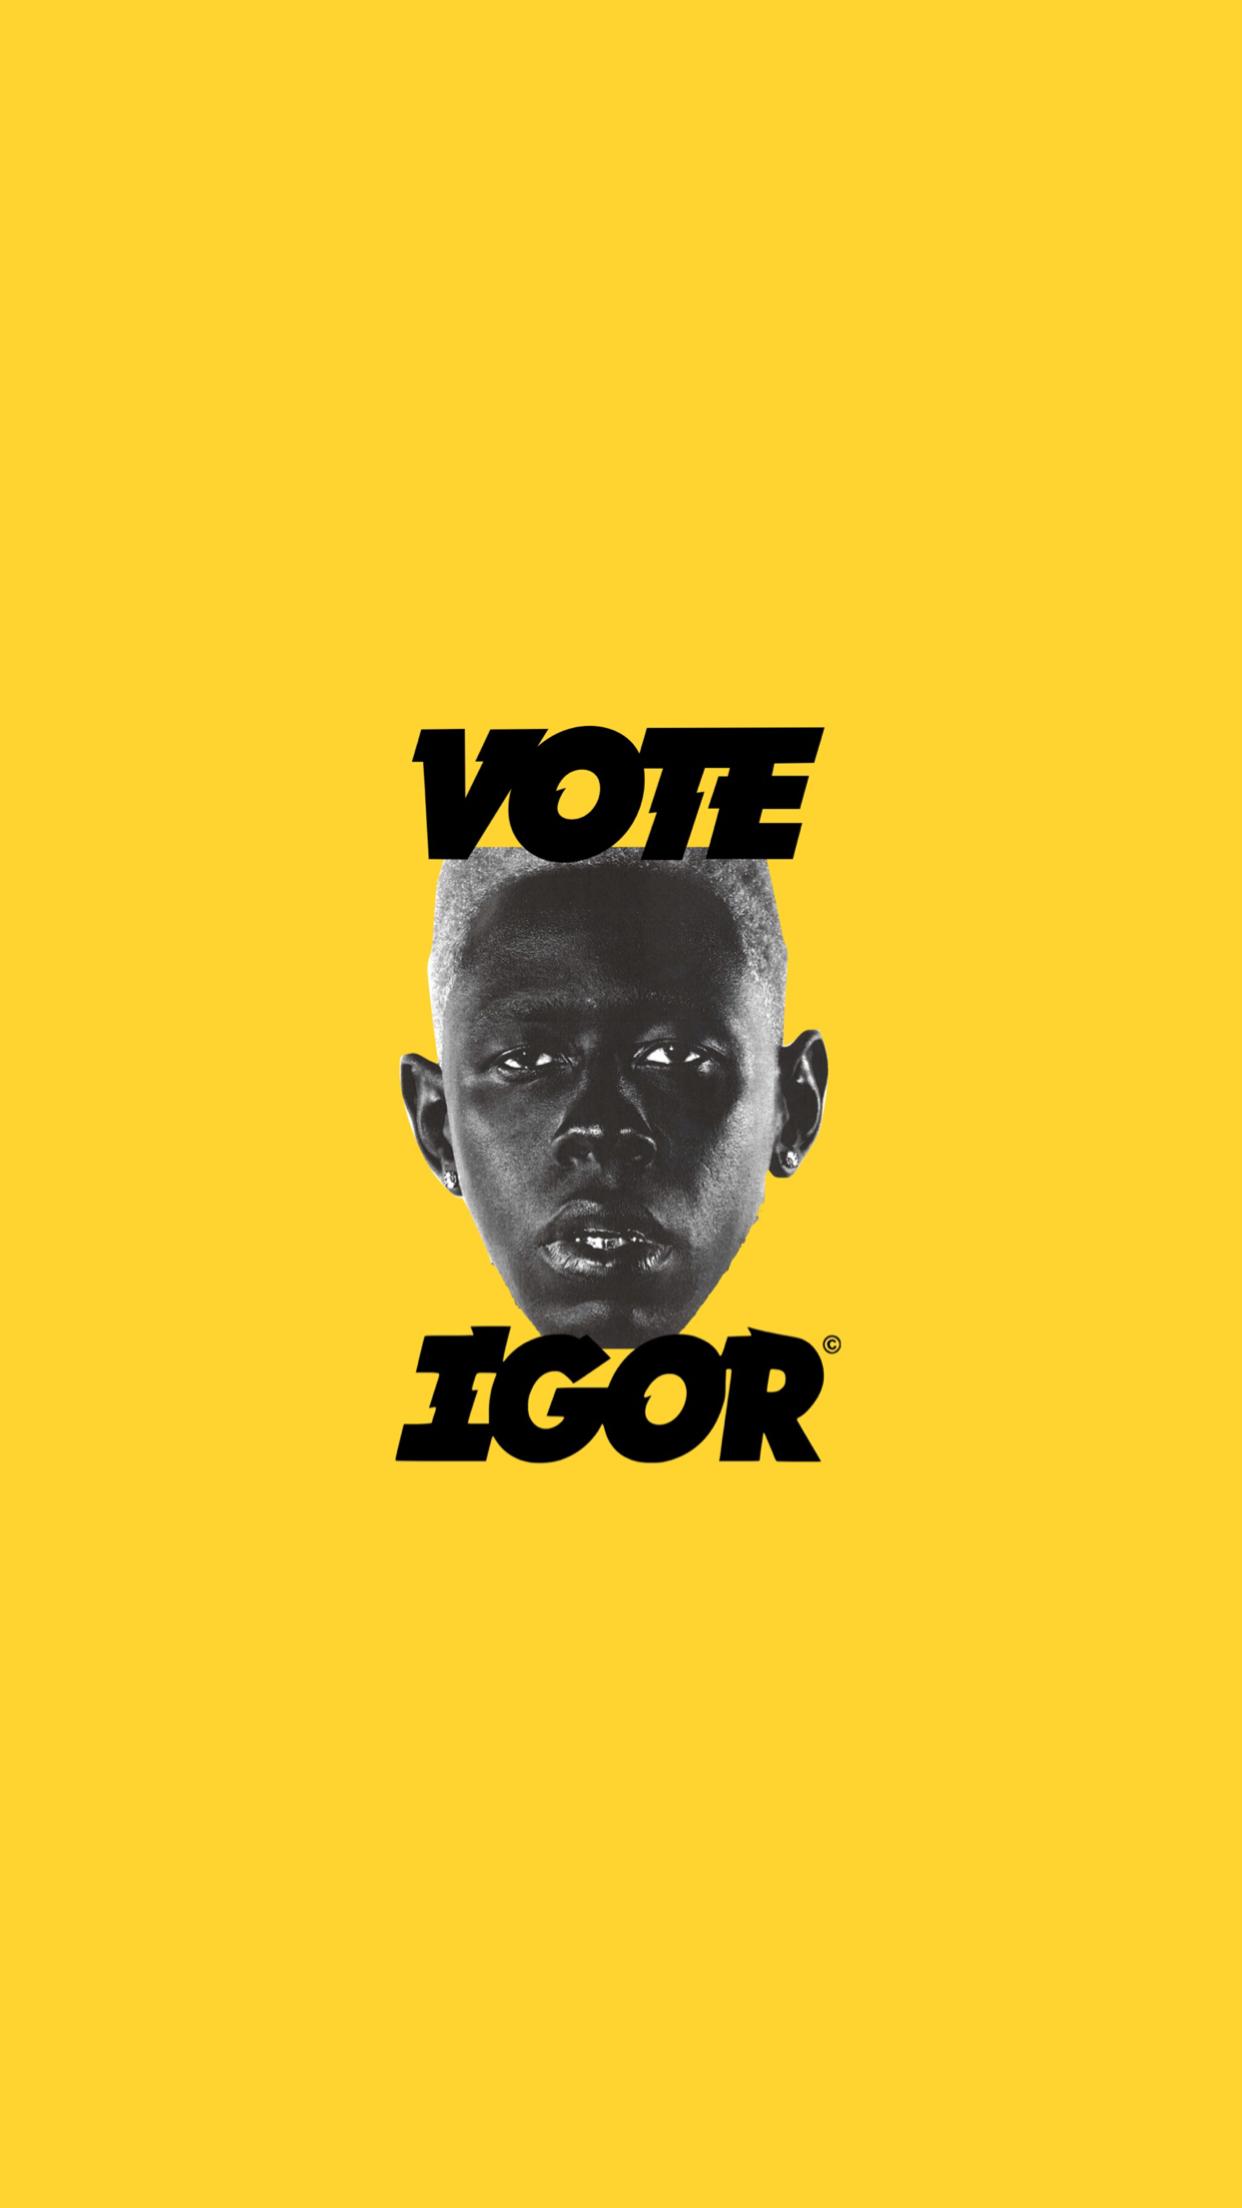 yellow vote igor